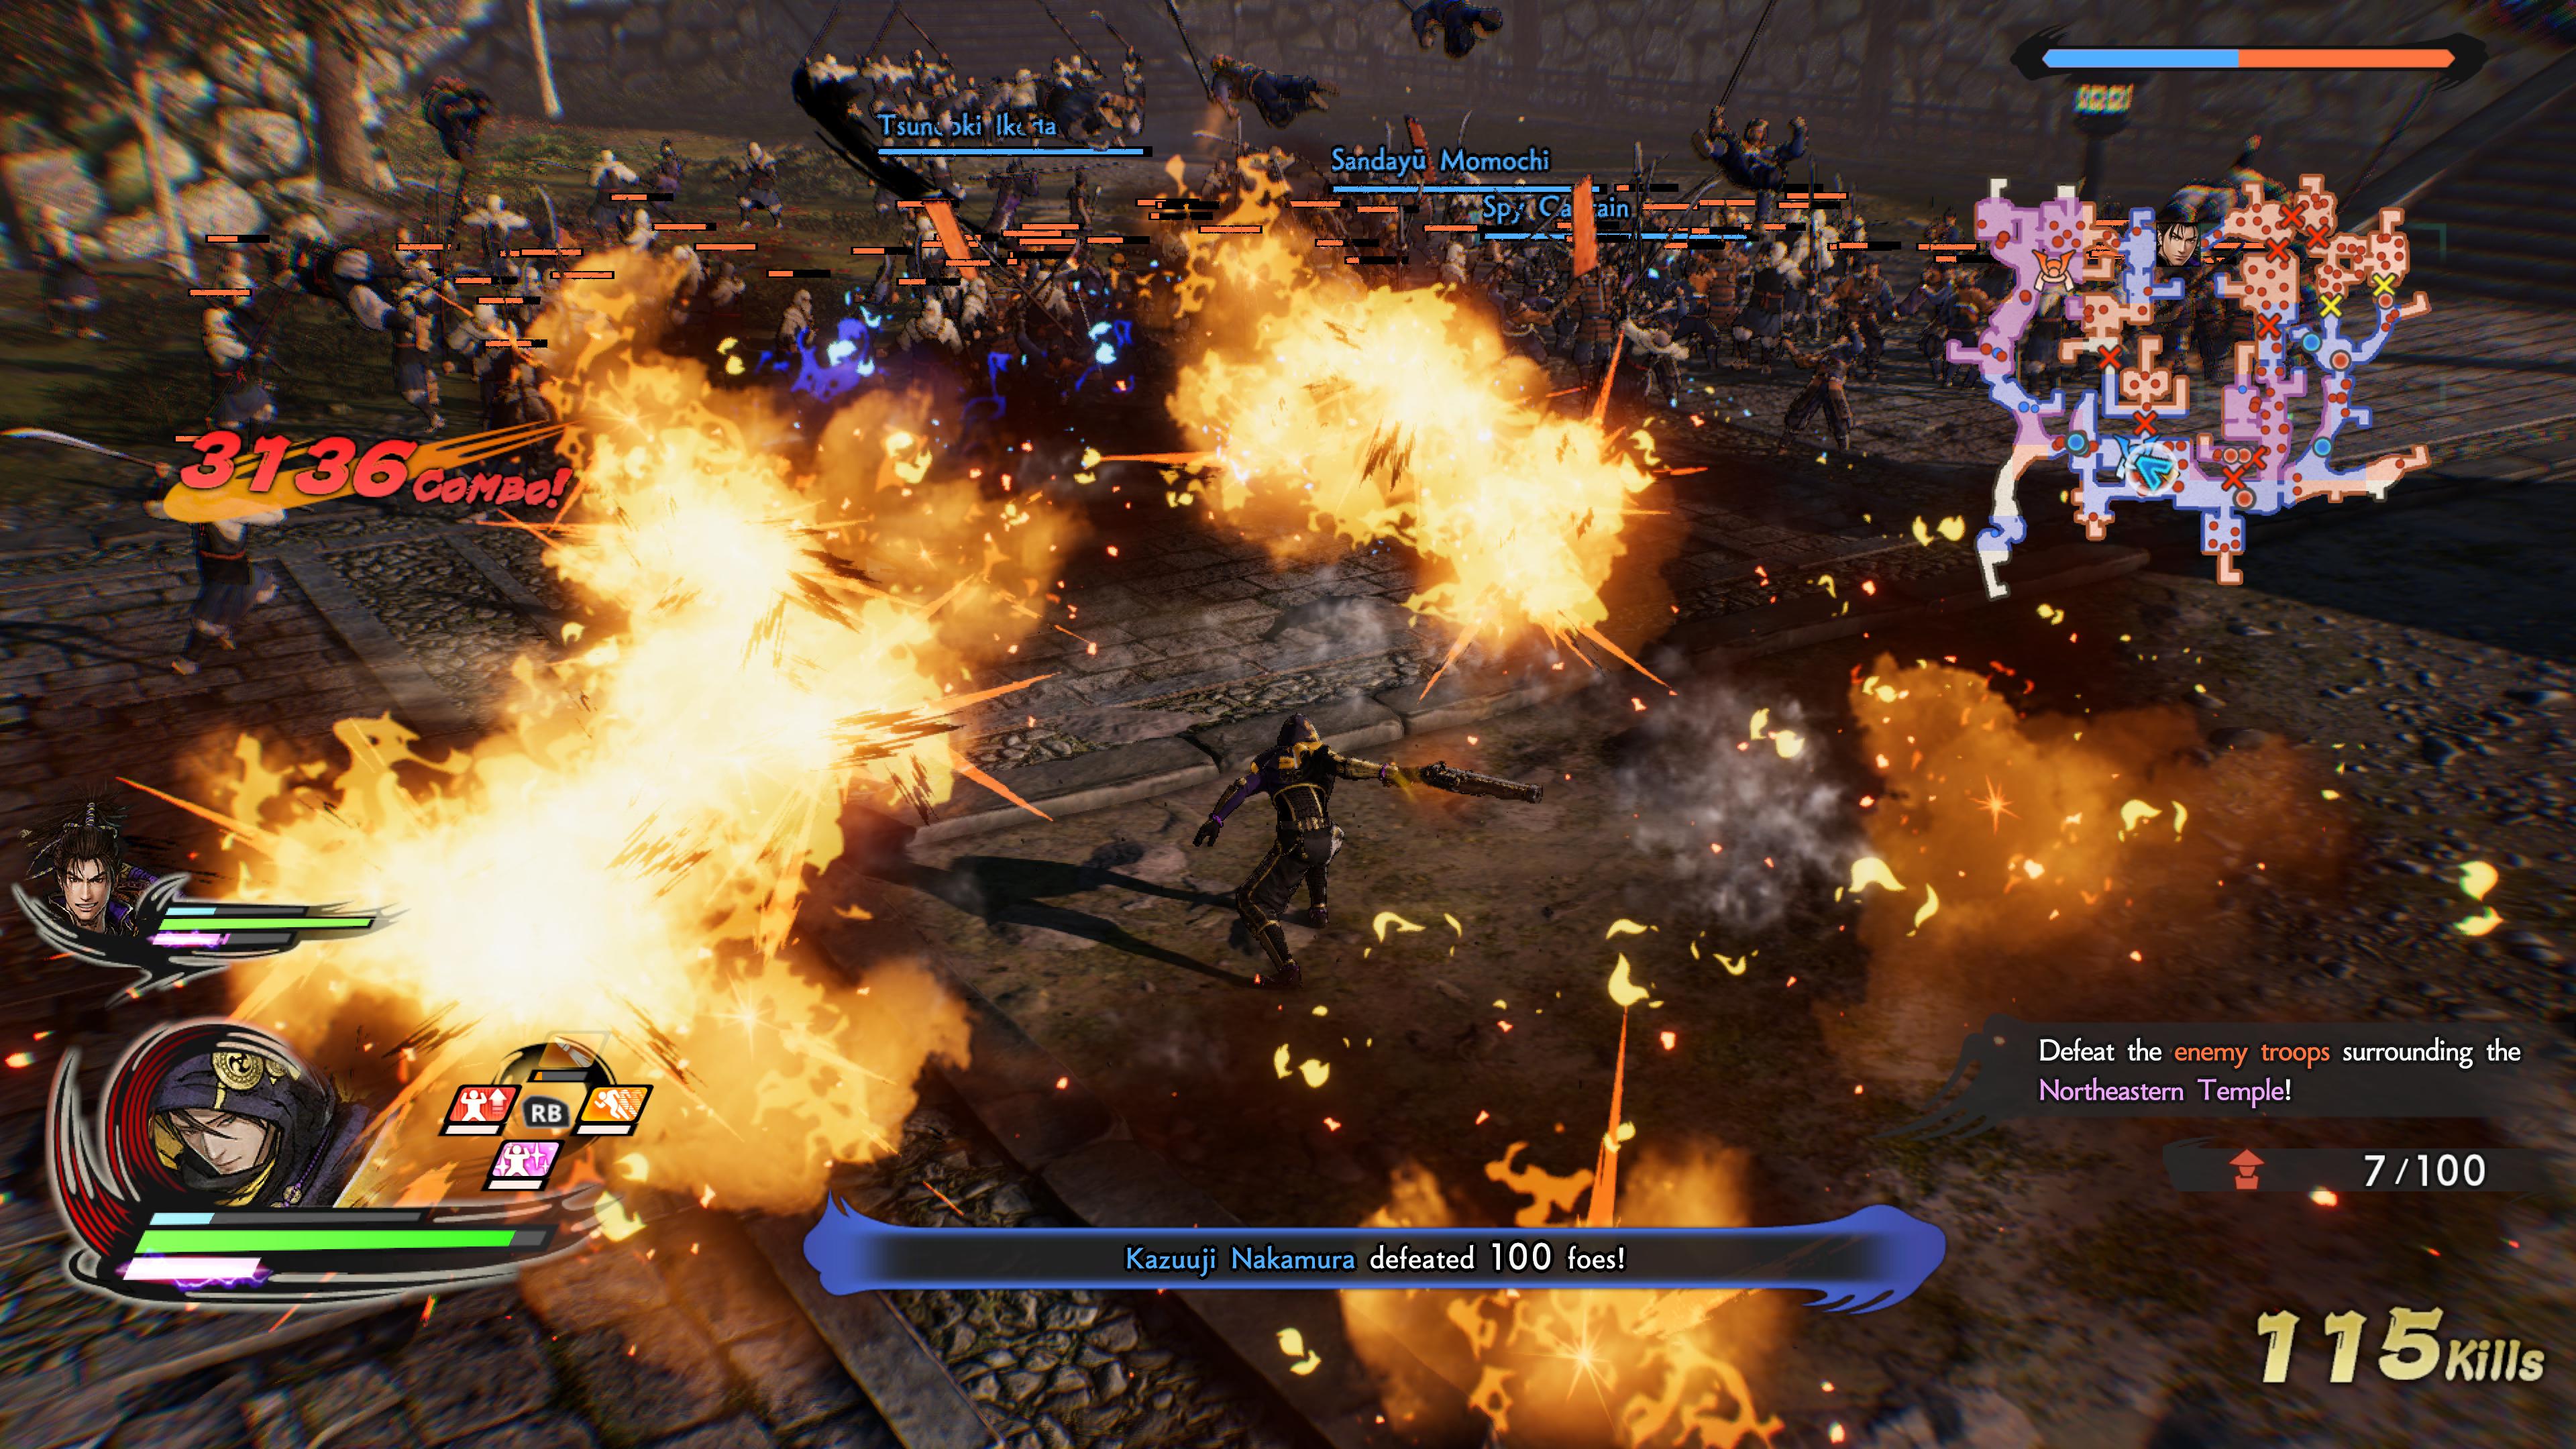 Samurai Warriors 5 pyssyllä kylvetään isoa tuhoa